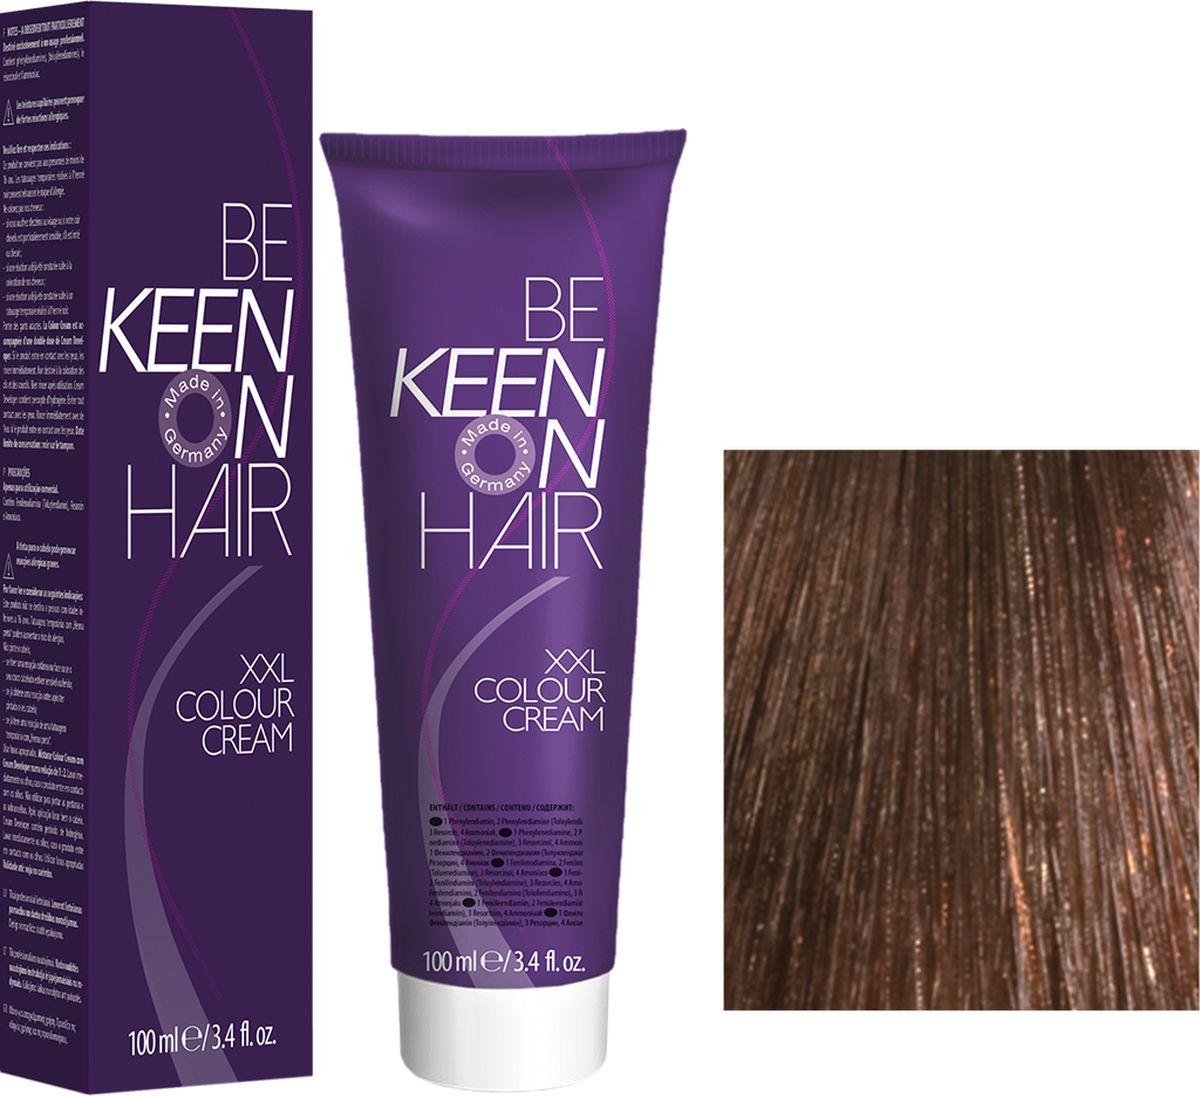 Keen Краска для волос 7.7 Карамель Karamell, 100 мл69100065Модные оттенкиБолее 100 оттенков для креативной комбинации цветов.ЭкономичностьПри использовании тюбика 100 мл вы получаете оптимальное соотношение цены и качества!УходМолочный белок поддерживает структуру волоса во время окрашивания и придает волосам блеск и шелковистость. Протеины хорошо встраиваются в волосы и снабжают их влагой.